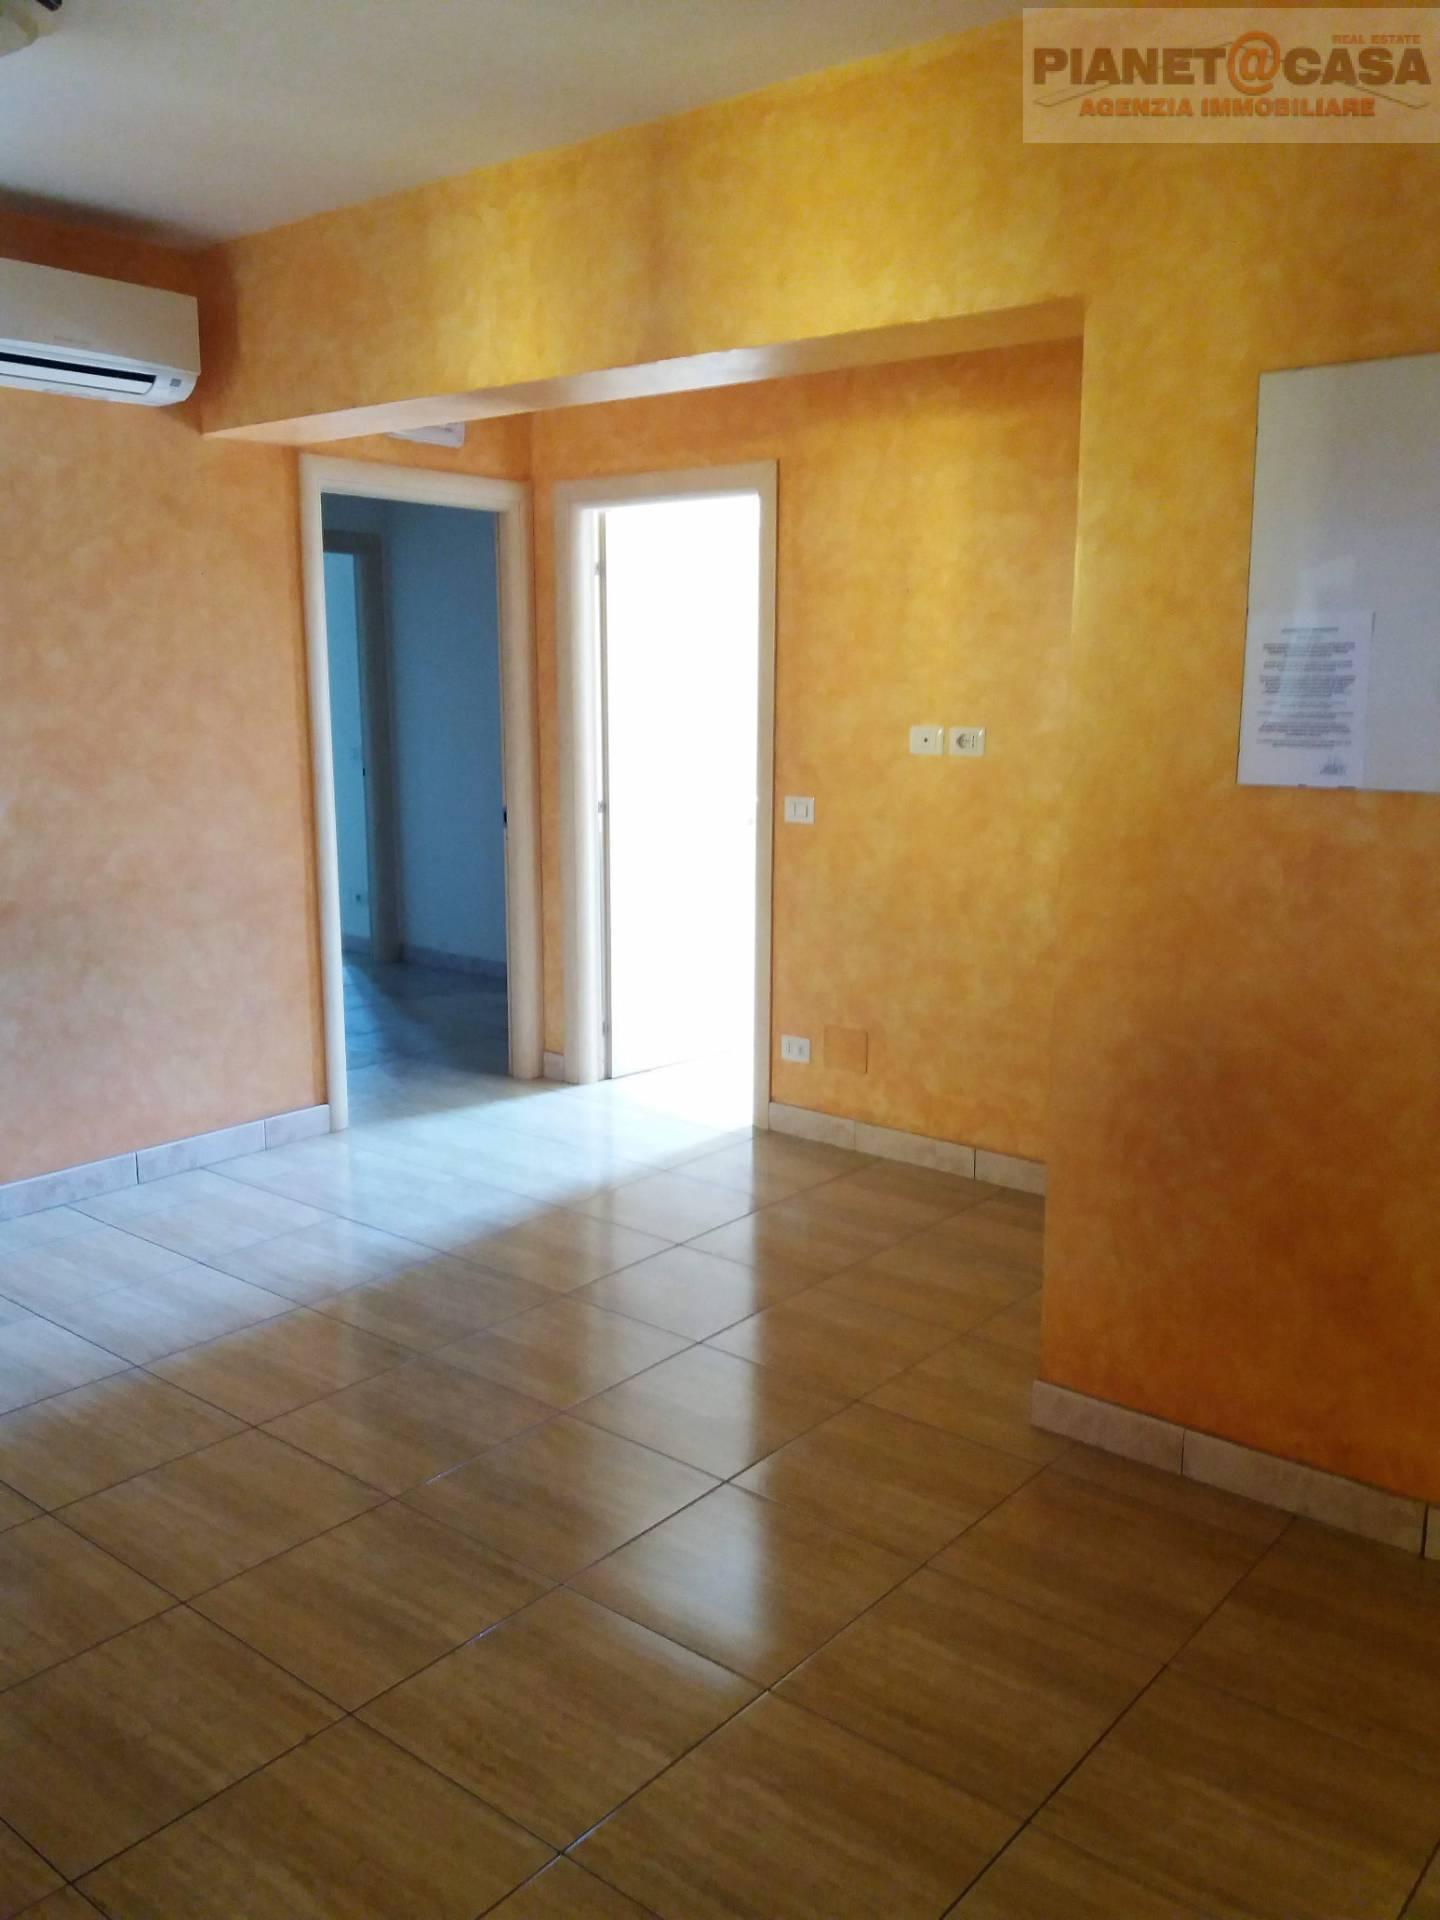 Appartamento in vendita a Spinetoli, 5 locali, zona Località: PAGLIAREDELTRONTO, prezzo € 129.000   CambioCasa.it